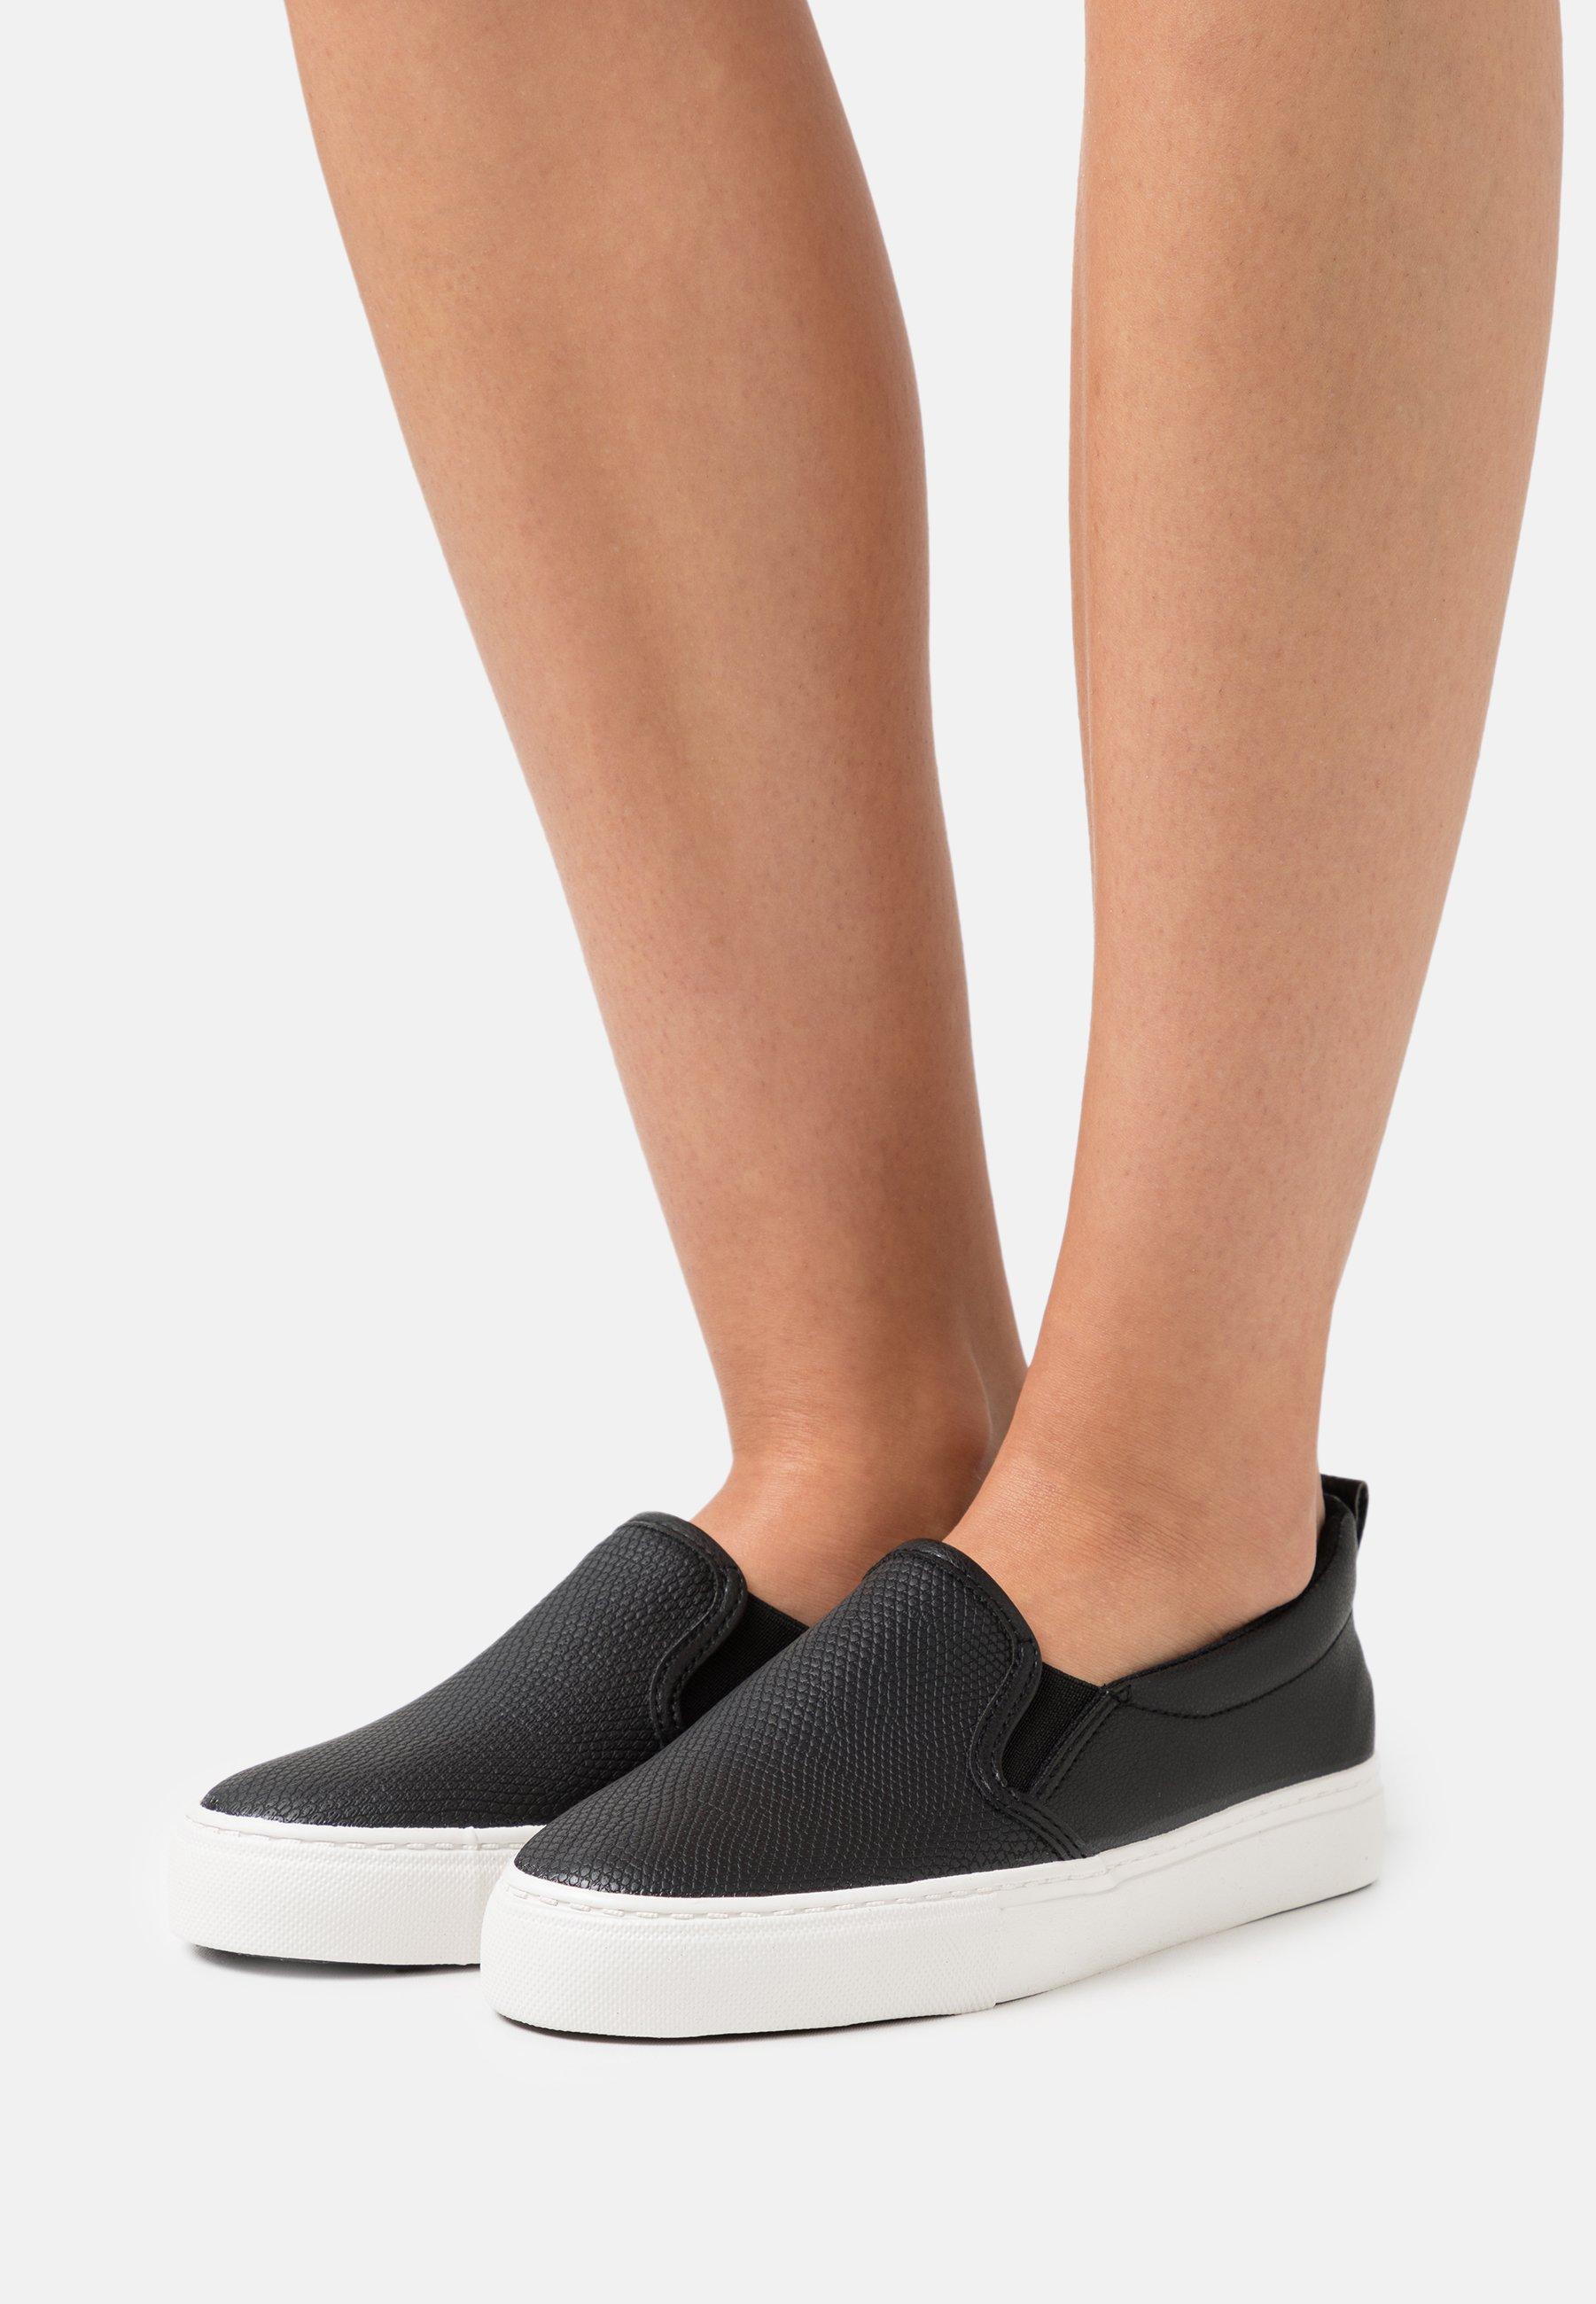 New Look MIZZY   Sneaker low   black/schwarz   Zalando.de